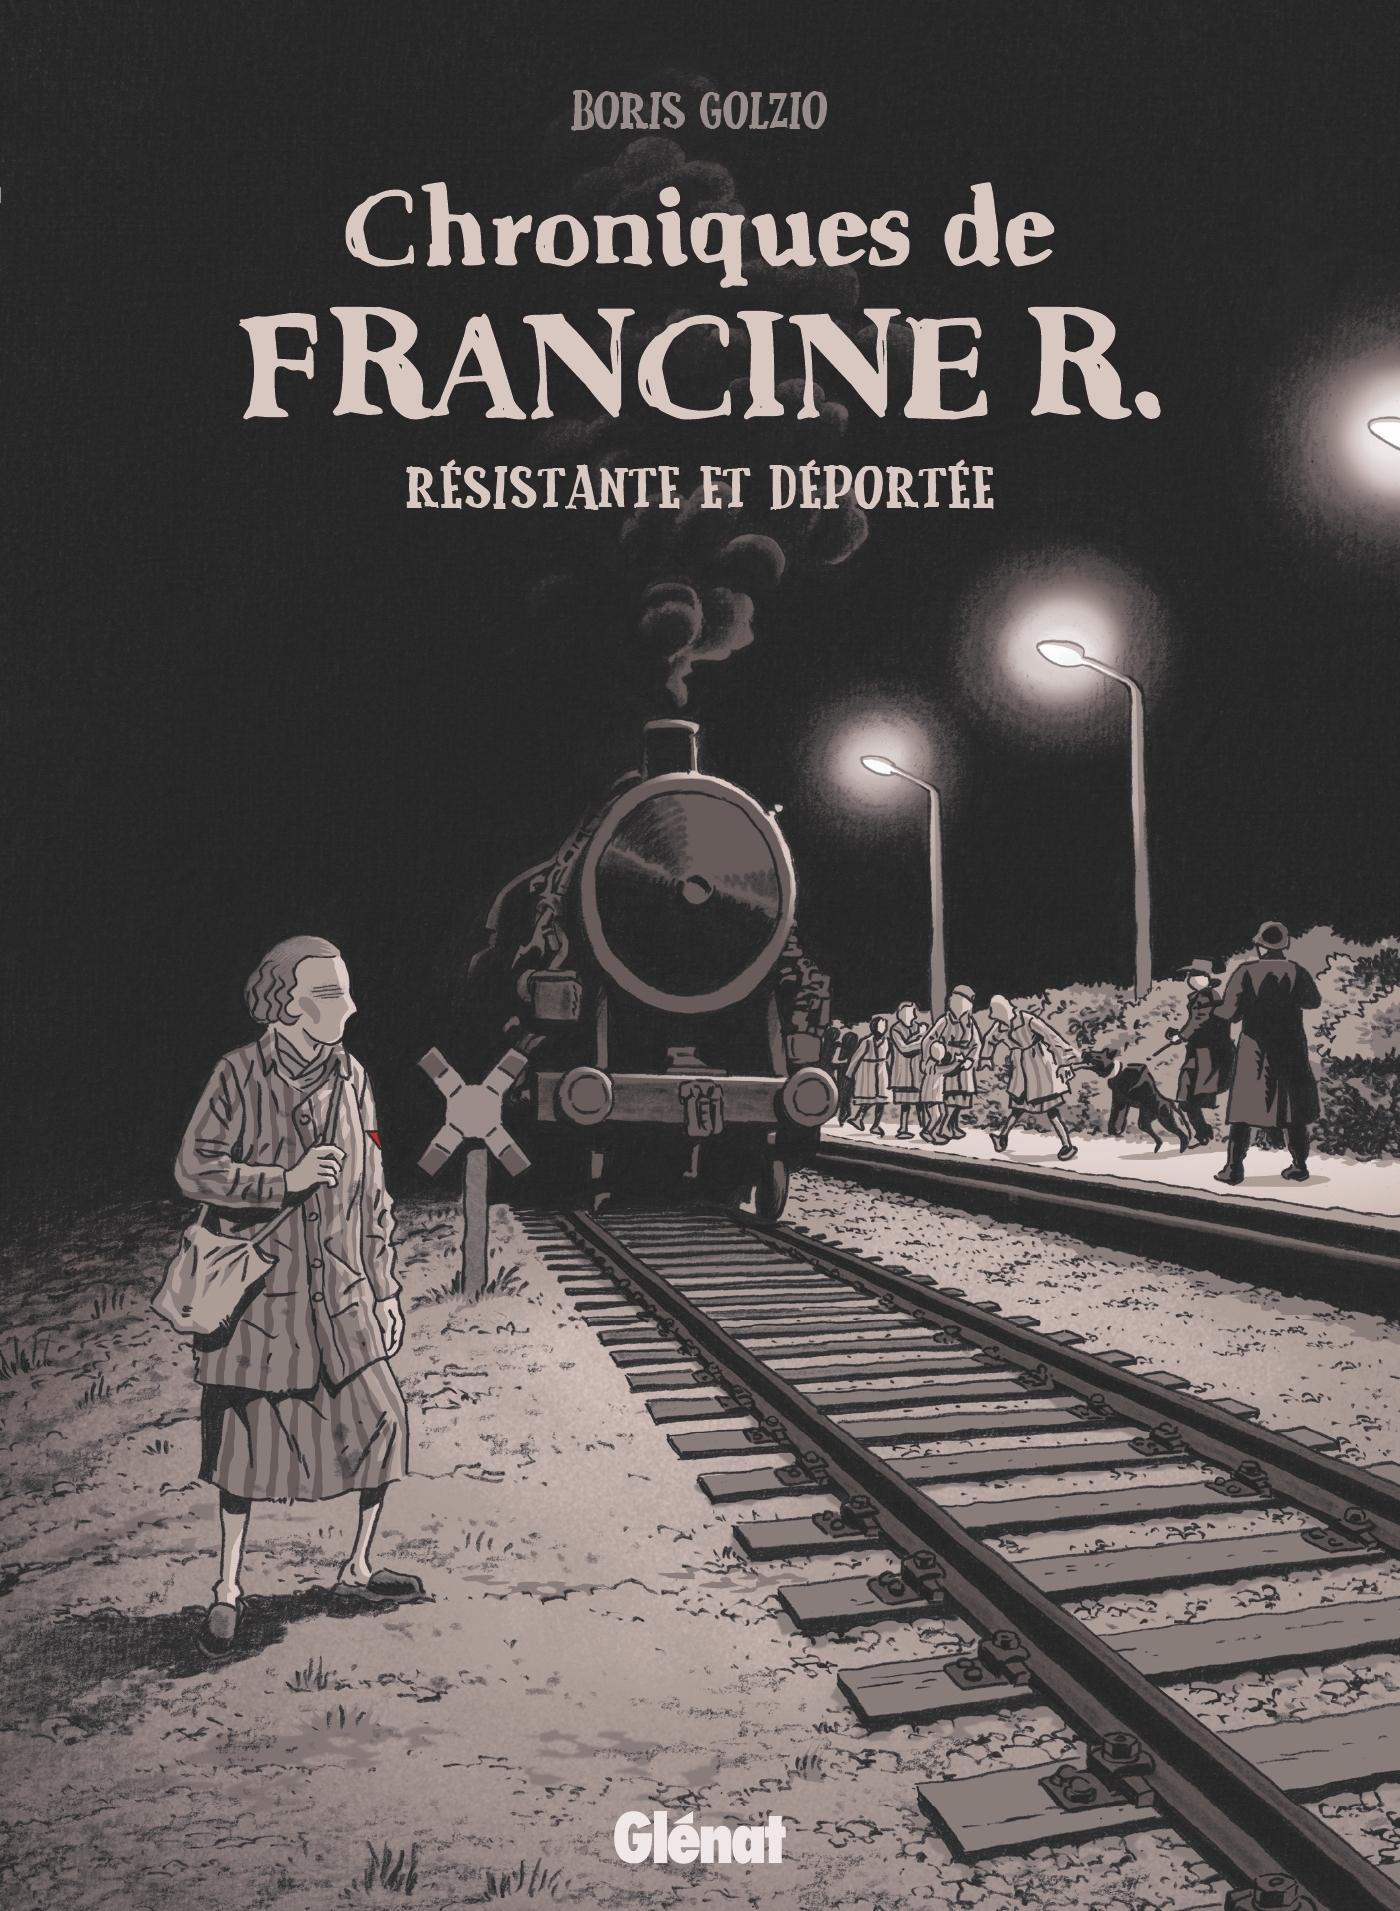 CHRONIQUES DE FRANCINE R., RESISTANTE ET DEPORTEE - AVRIL 44 - AVRIL 45